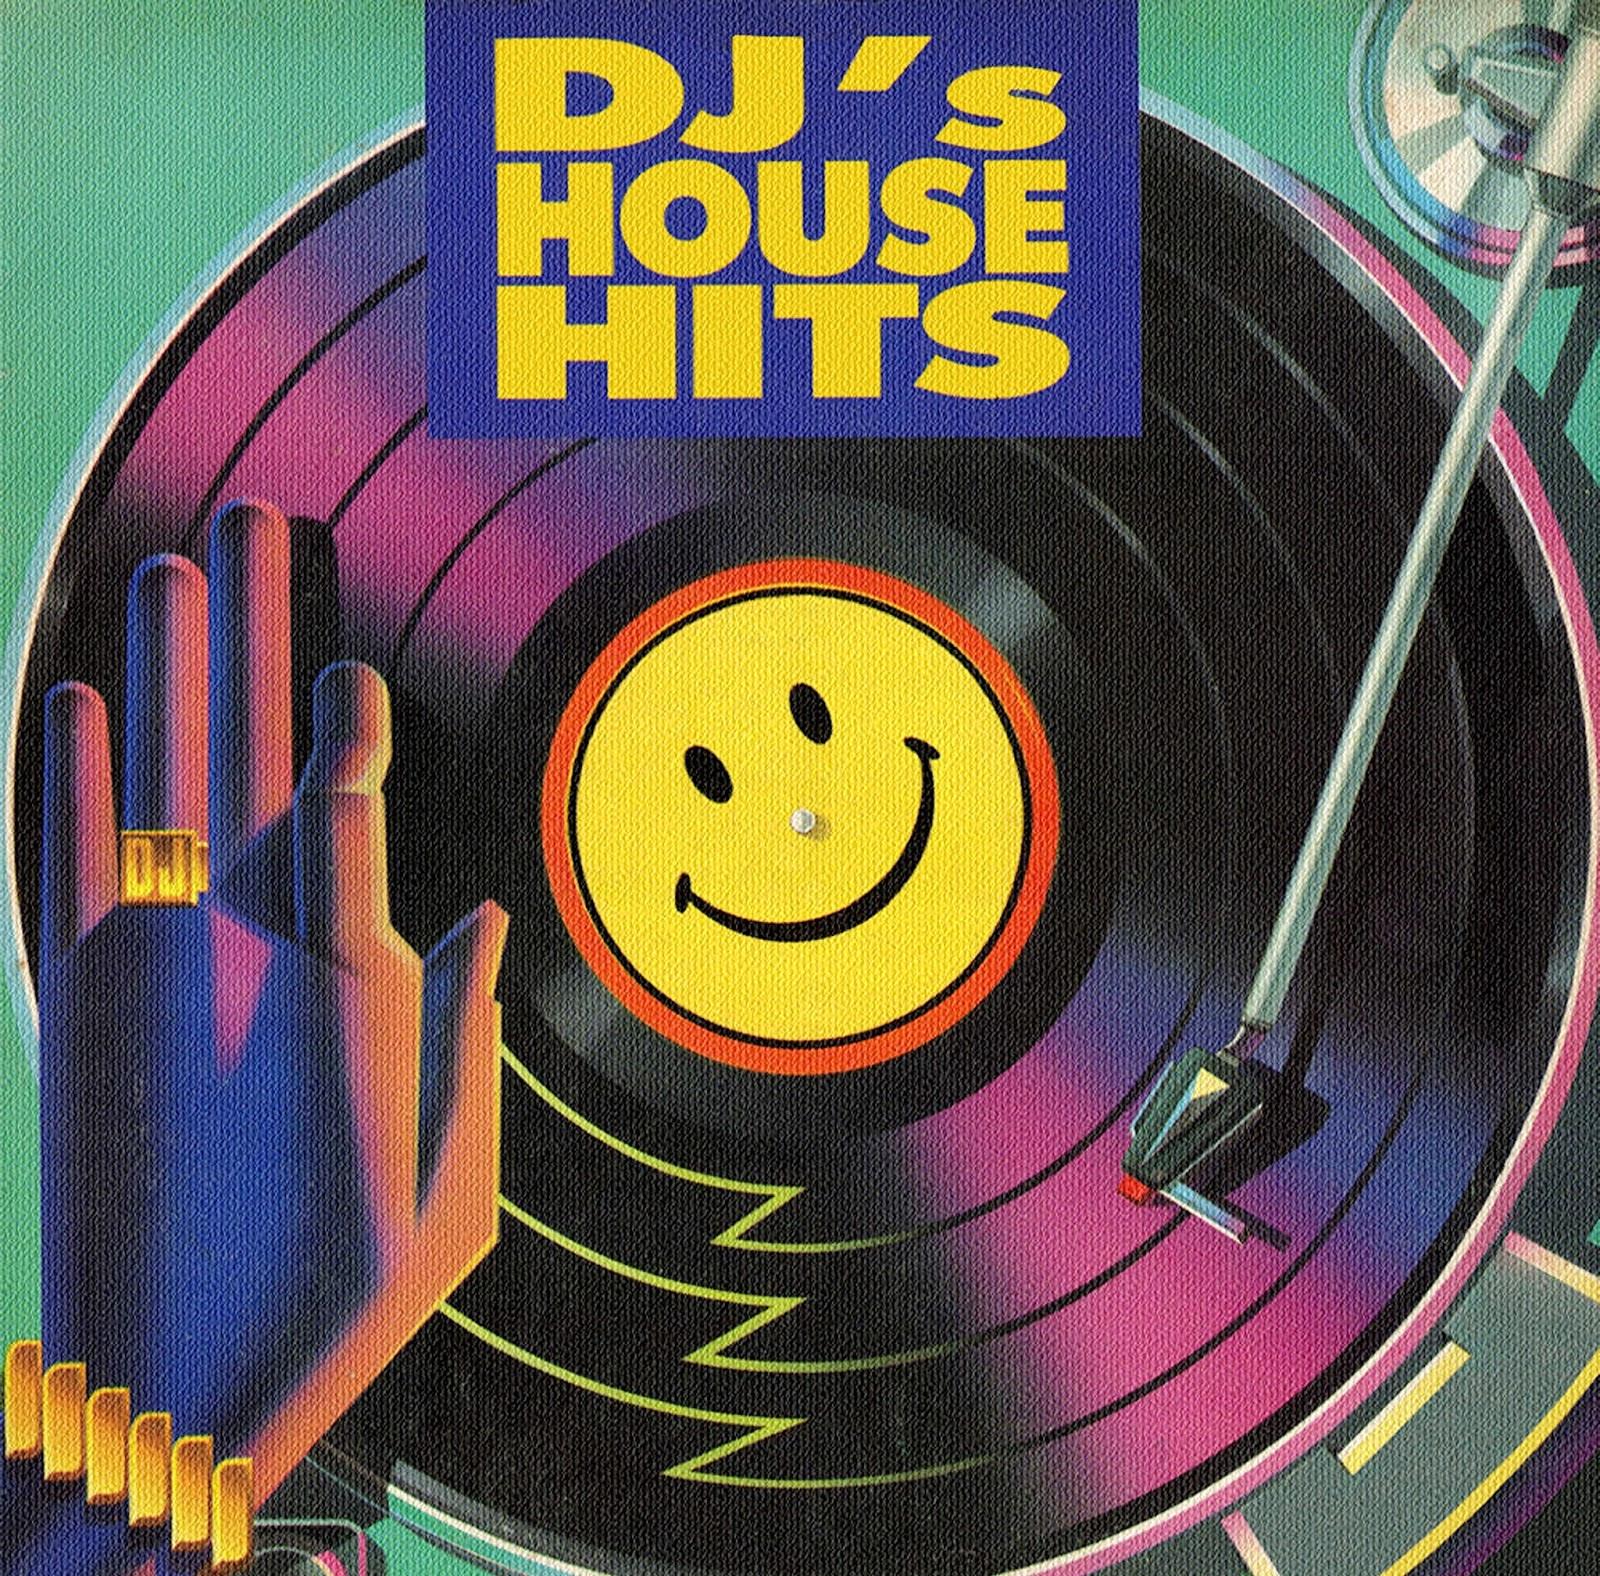 seja bem vindo djs house hits 01 lpa 1989 02 lpa 1990